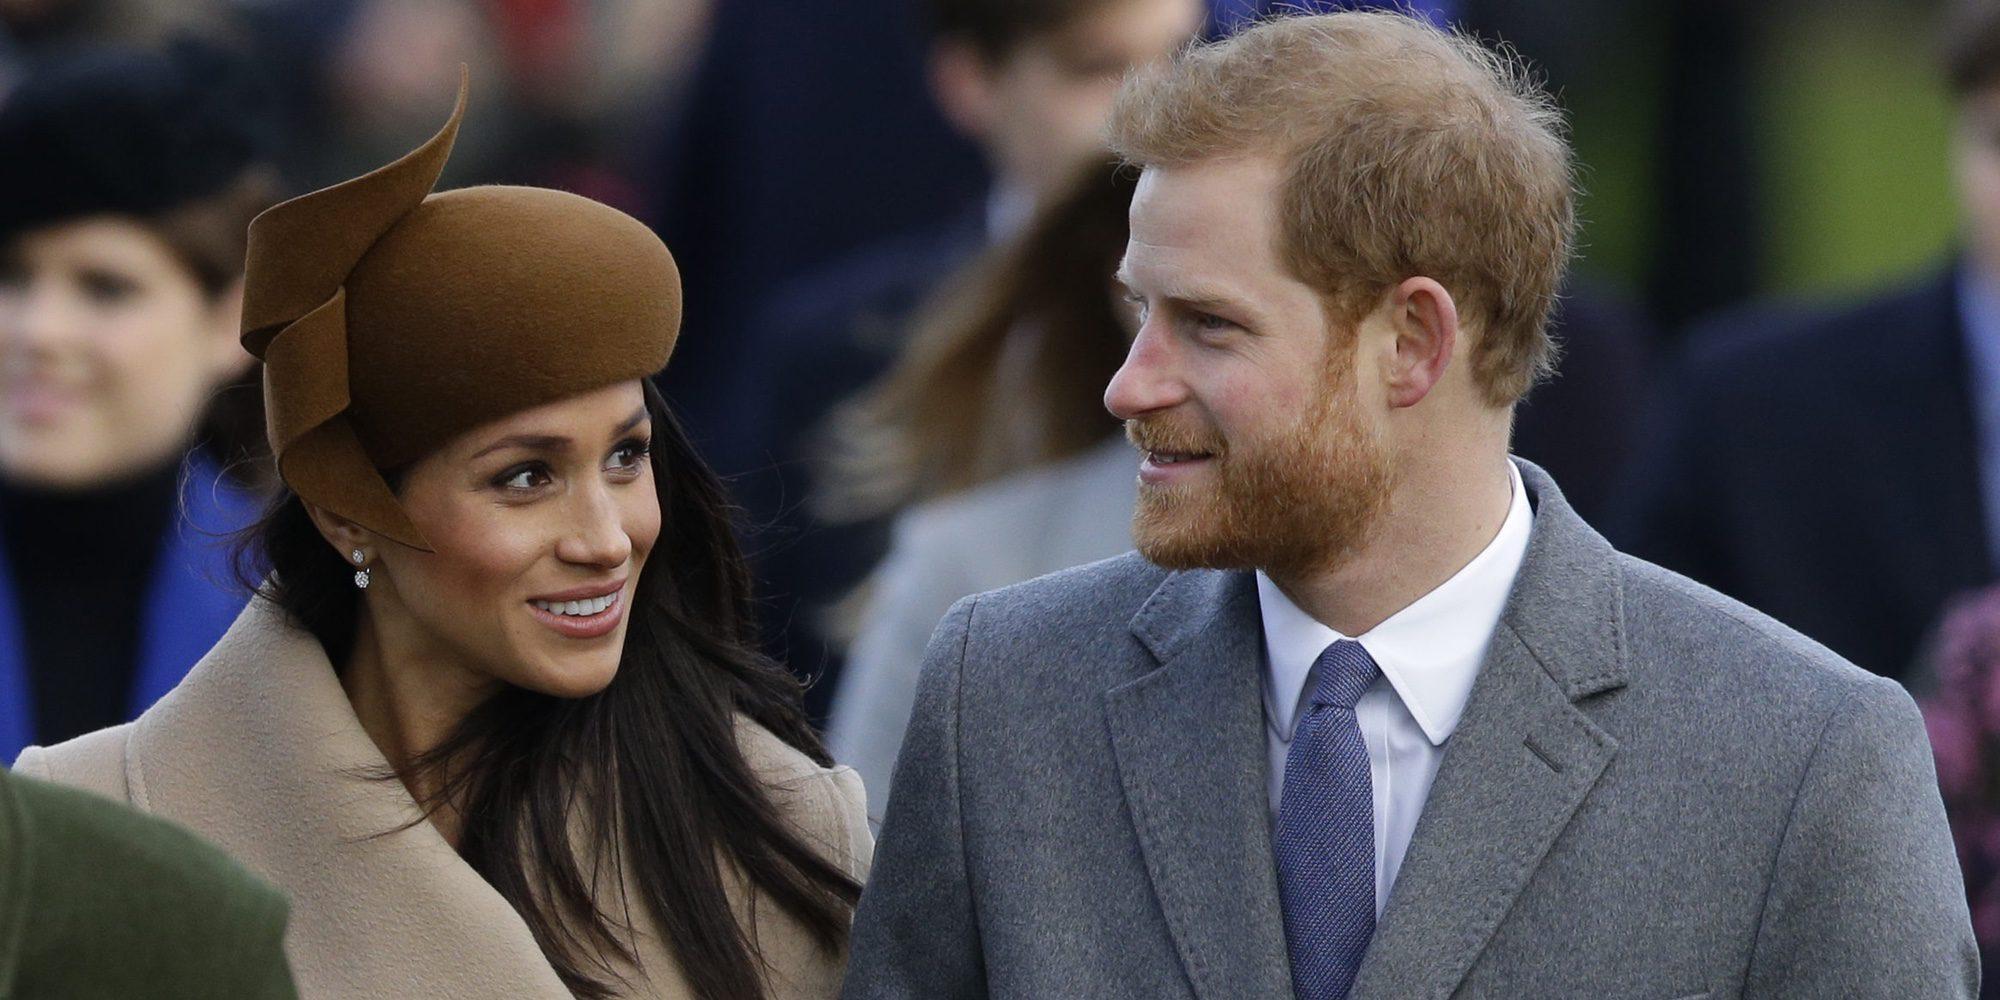 El Príncipe Harry y Meghan Markle despidieron 2017 en la Riviera francesa